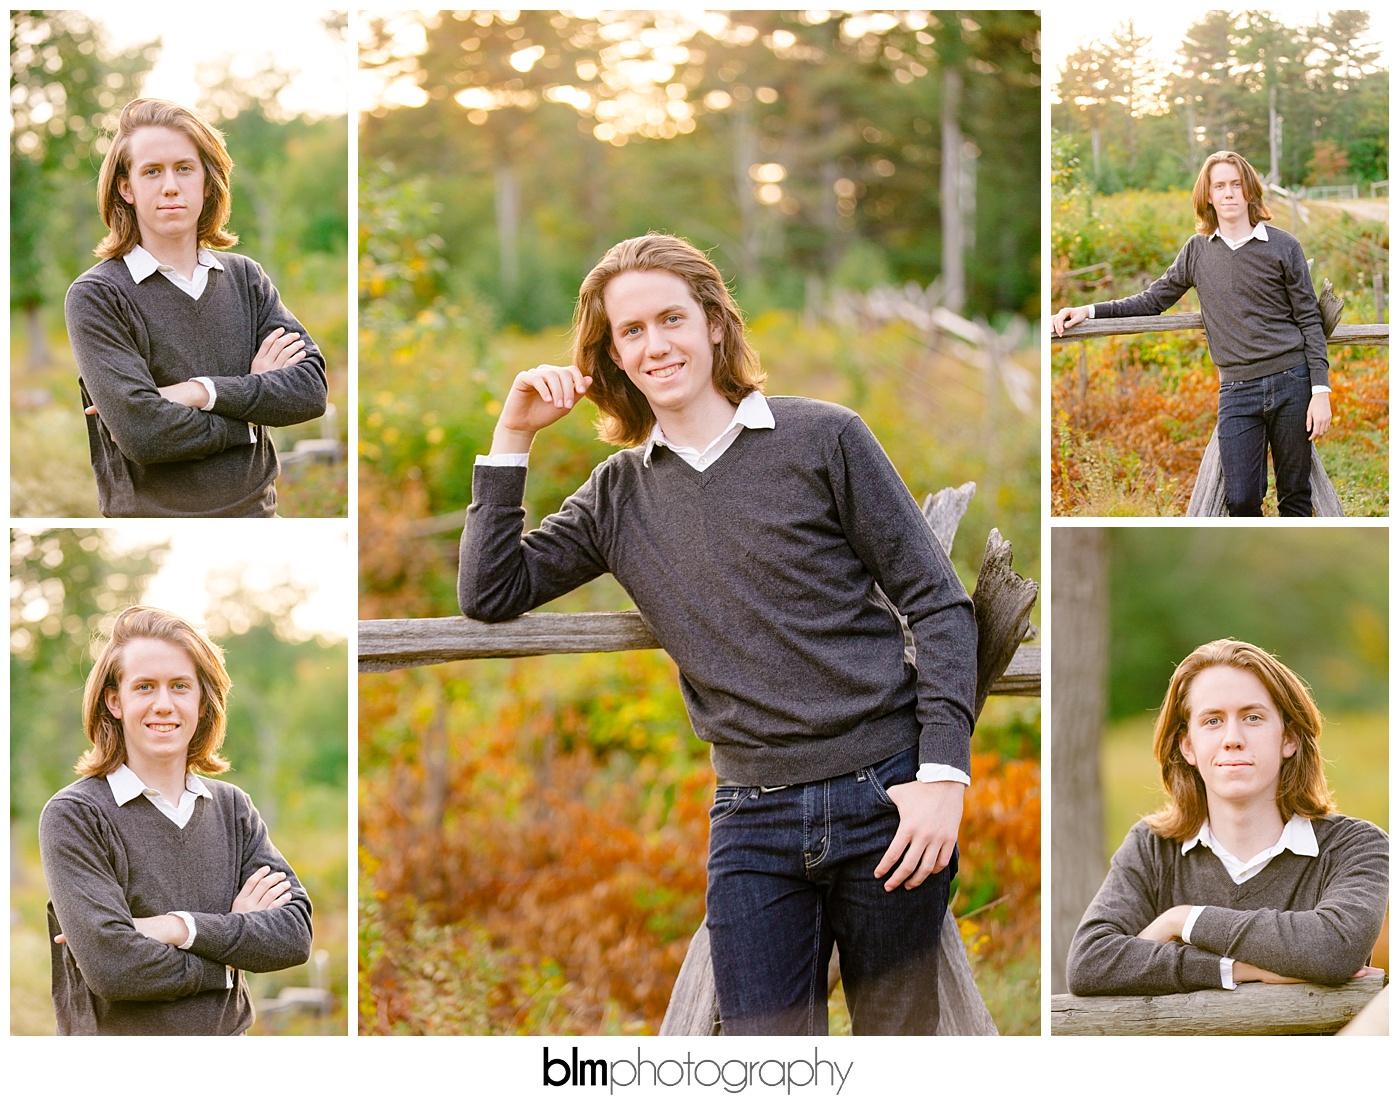 Ryan-Hoiriis_Senior-Portraits_092116-8481.jpg